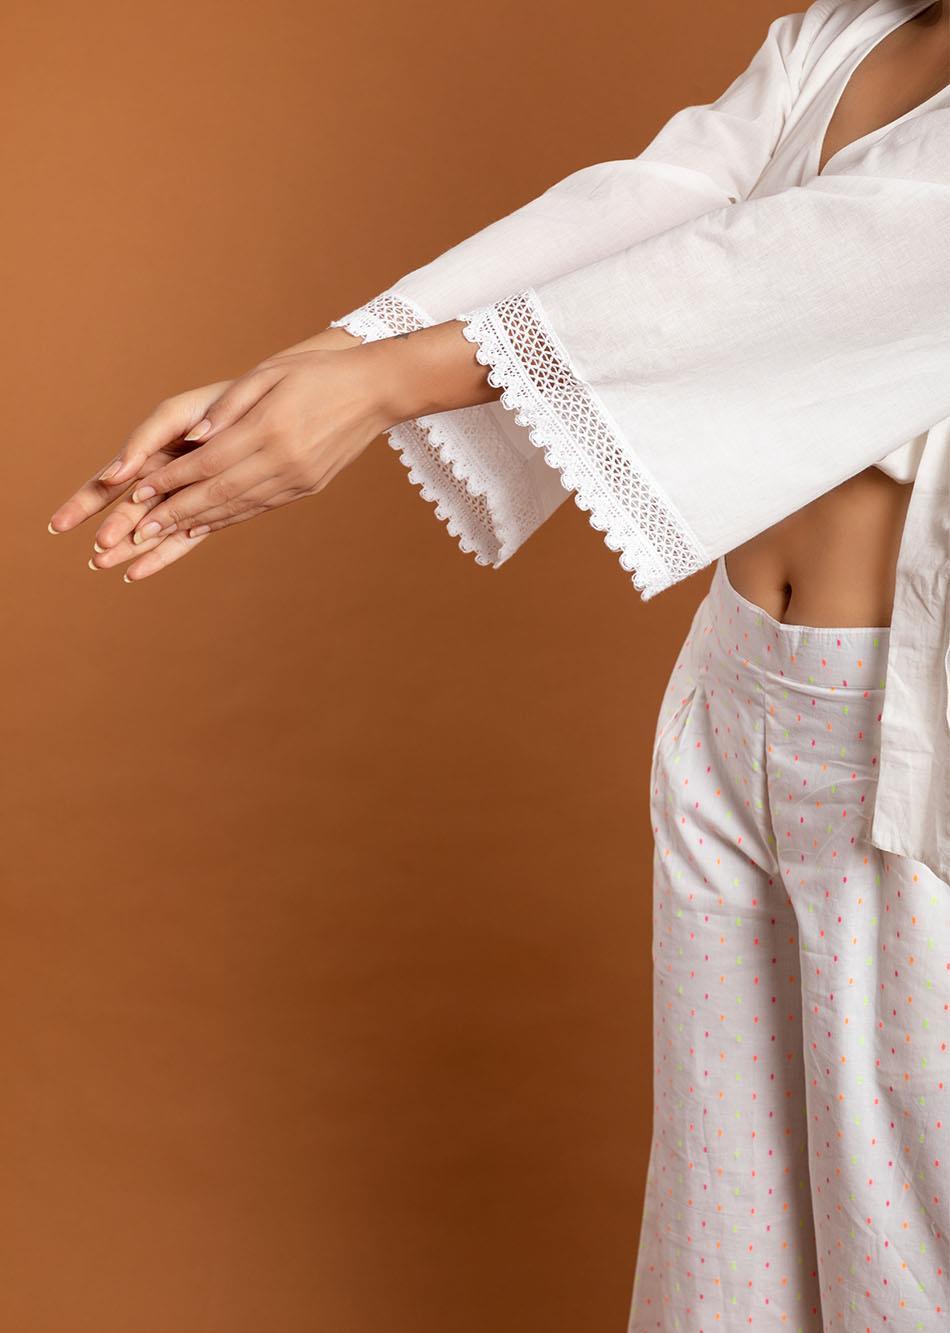 Wrapy Top By Jovi Fashion